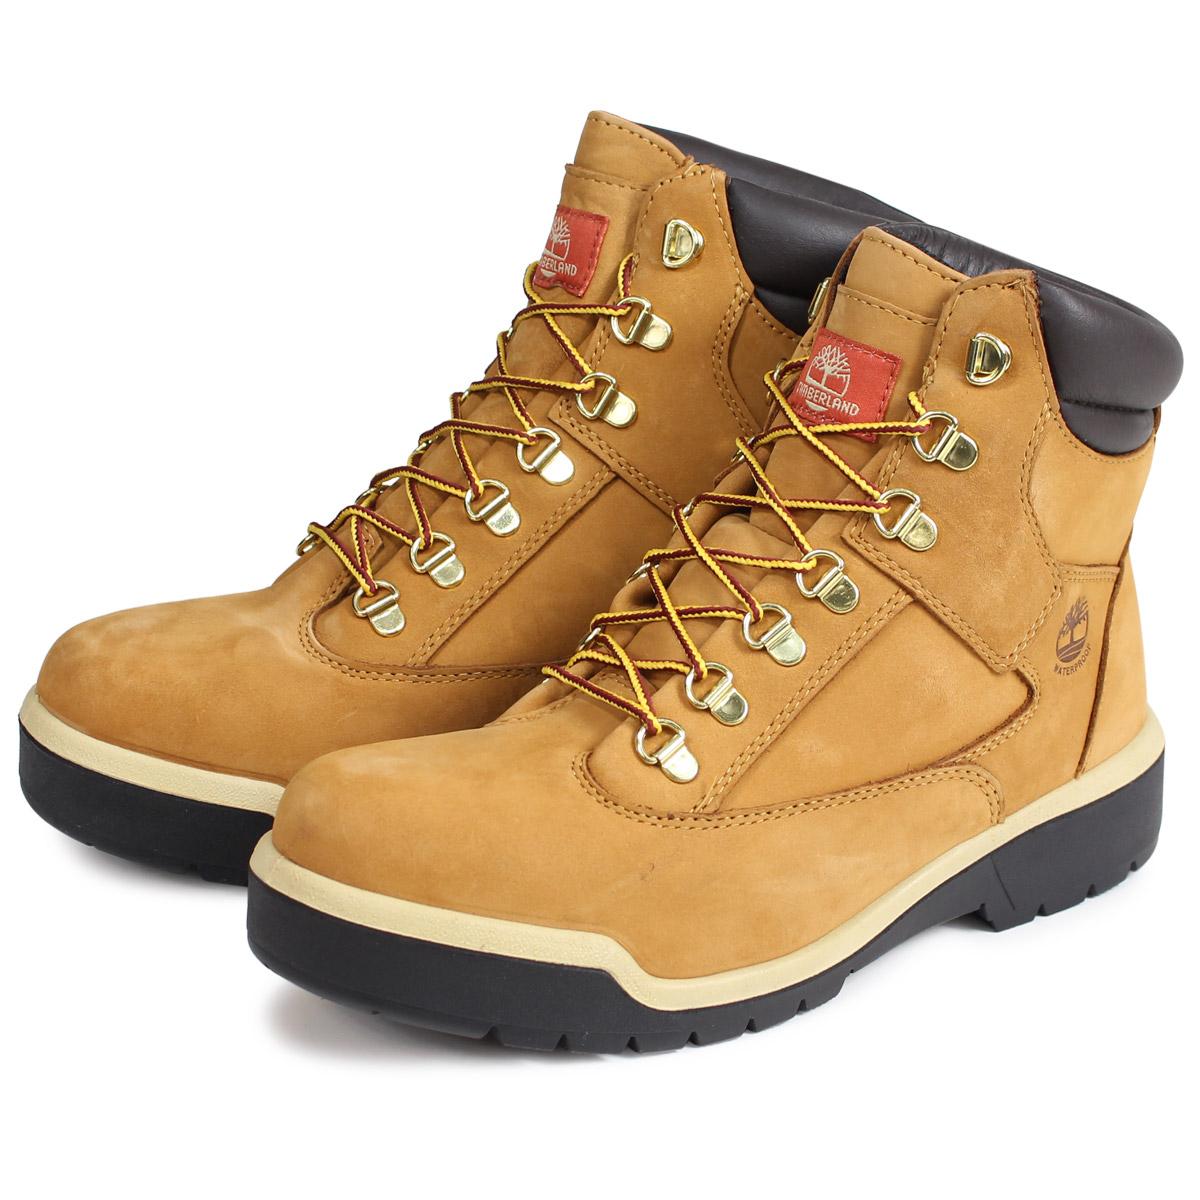 Timberland 6-INCH FIELD BOOT ティンバーランド ブーツ 6インチ メンズ Mワイズ ウィート A1RCO